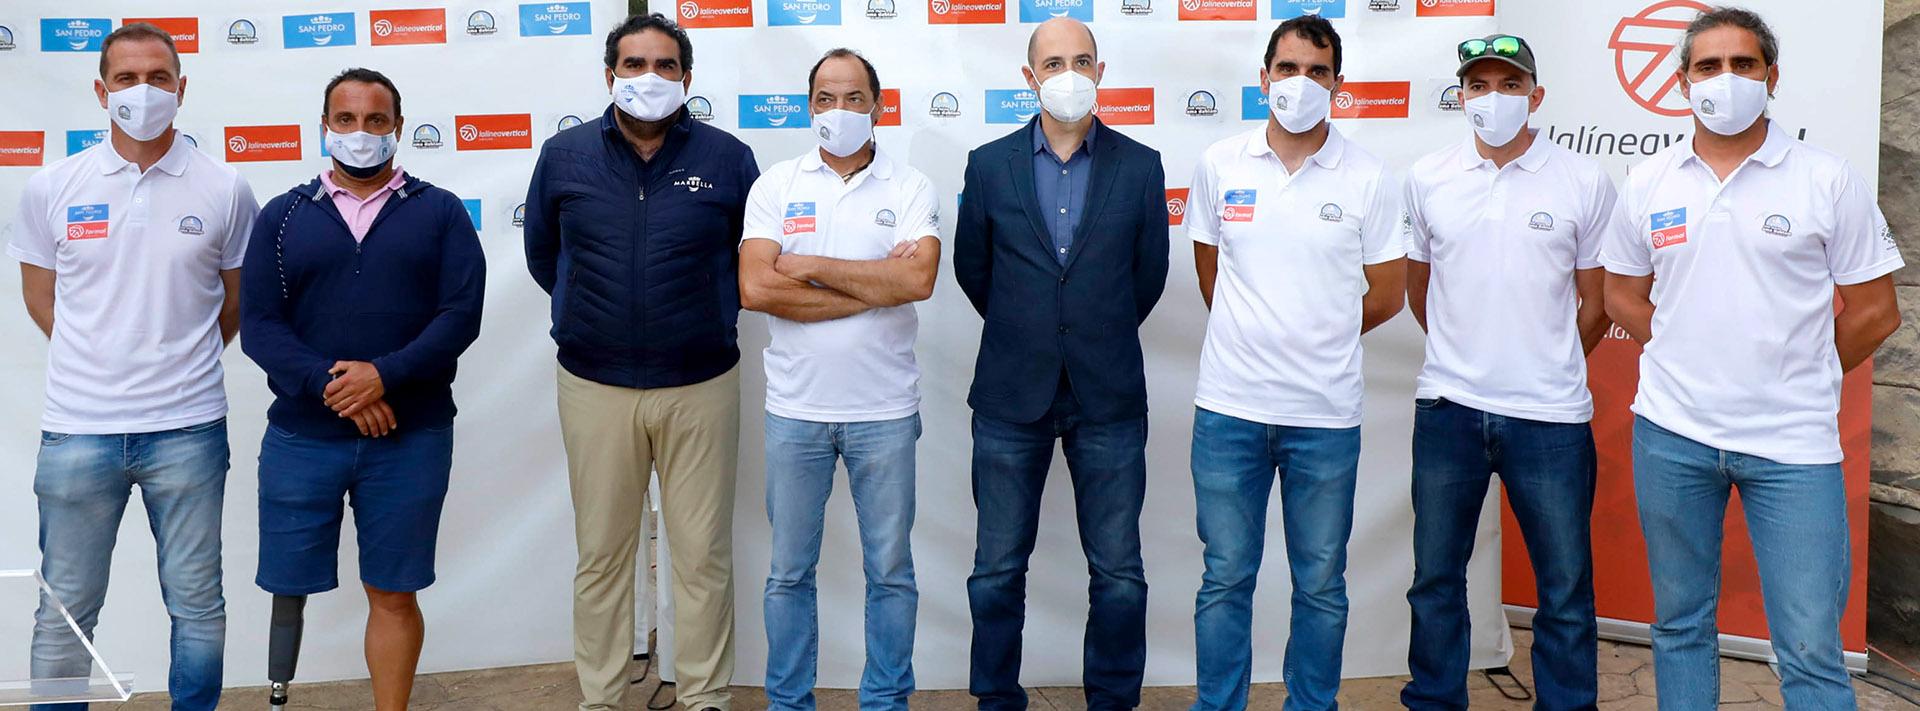 Club Alpino Ama Dablam presenta sus últimos desafíos